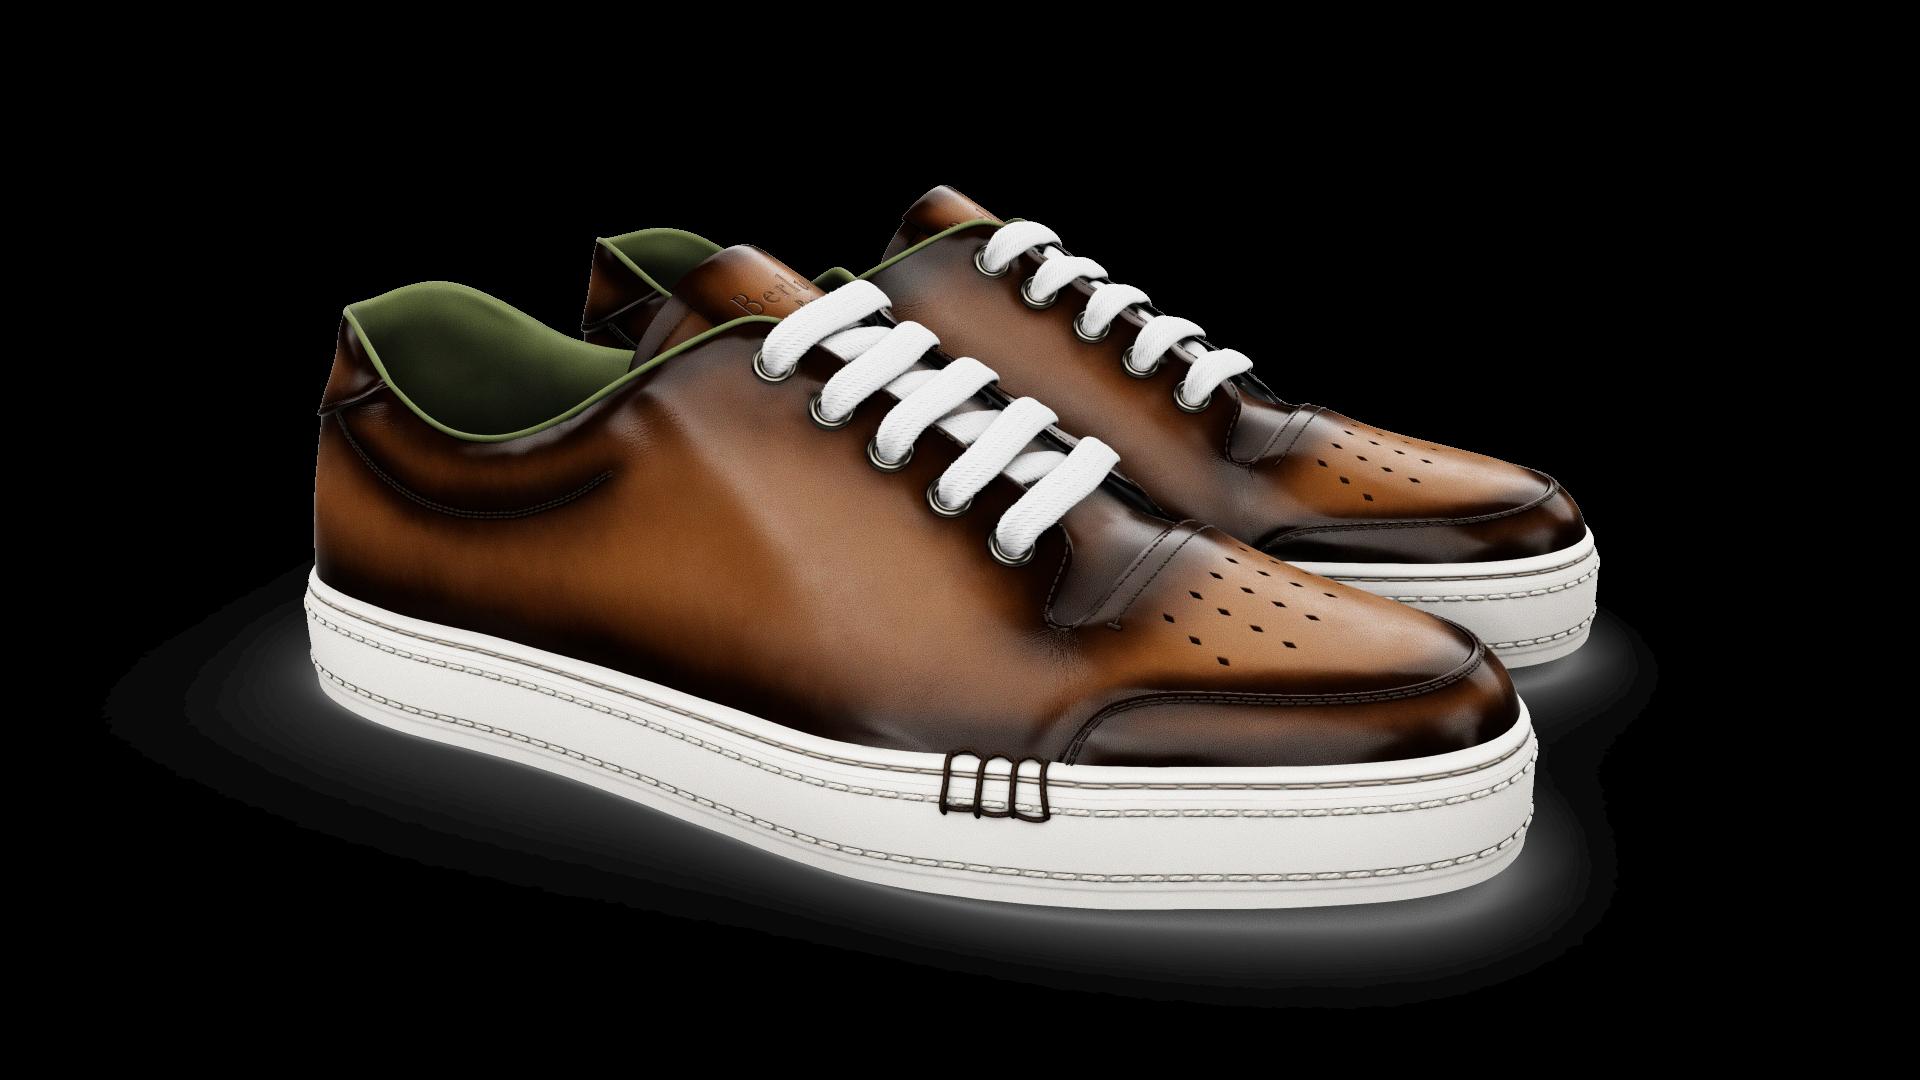 3D visual, 3D Configurator, 3D shoes, Photorealistic 3d visuals, Berluti